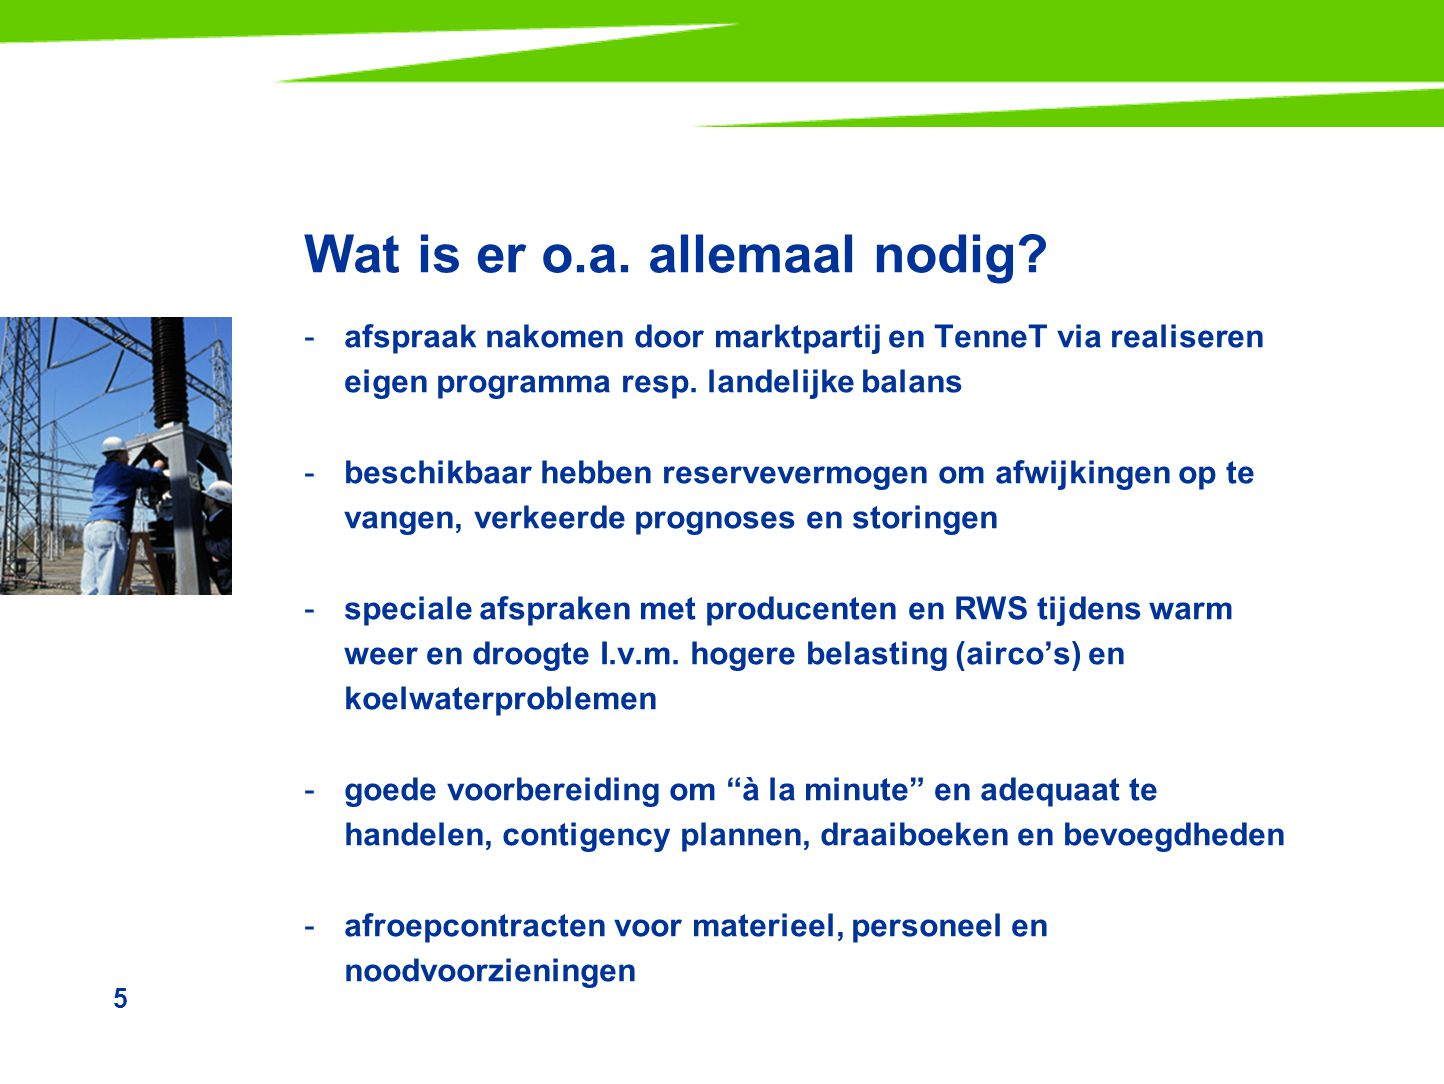 5 Wat is er o.a. allemaal nodig? -afspraak nakomen door marktpartij en TenneT via realiseren eigen programma resp. landelijke balans -beschikbaar hebb